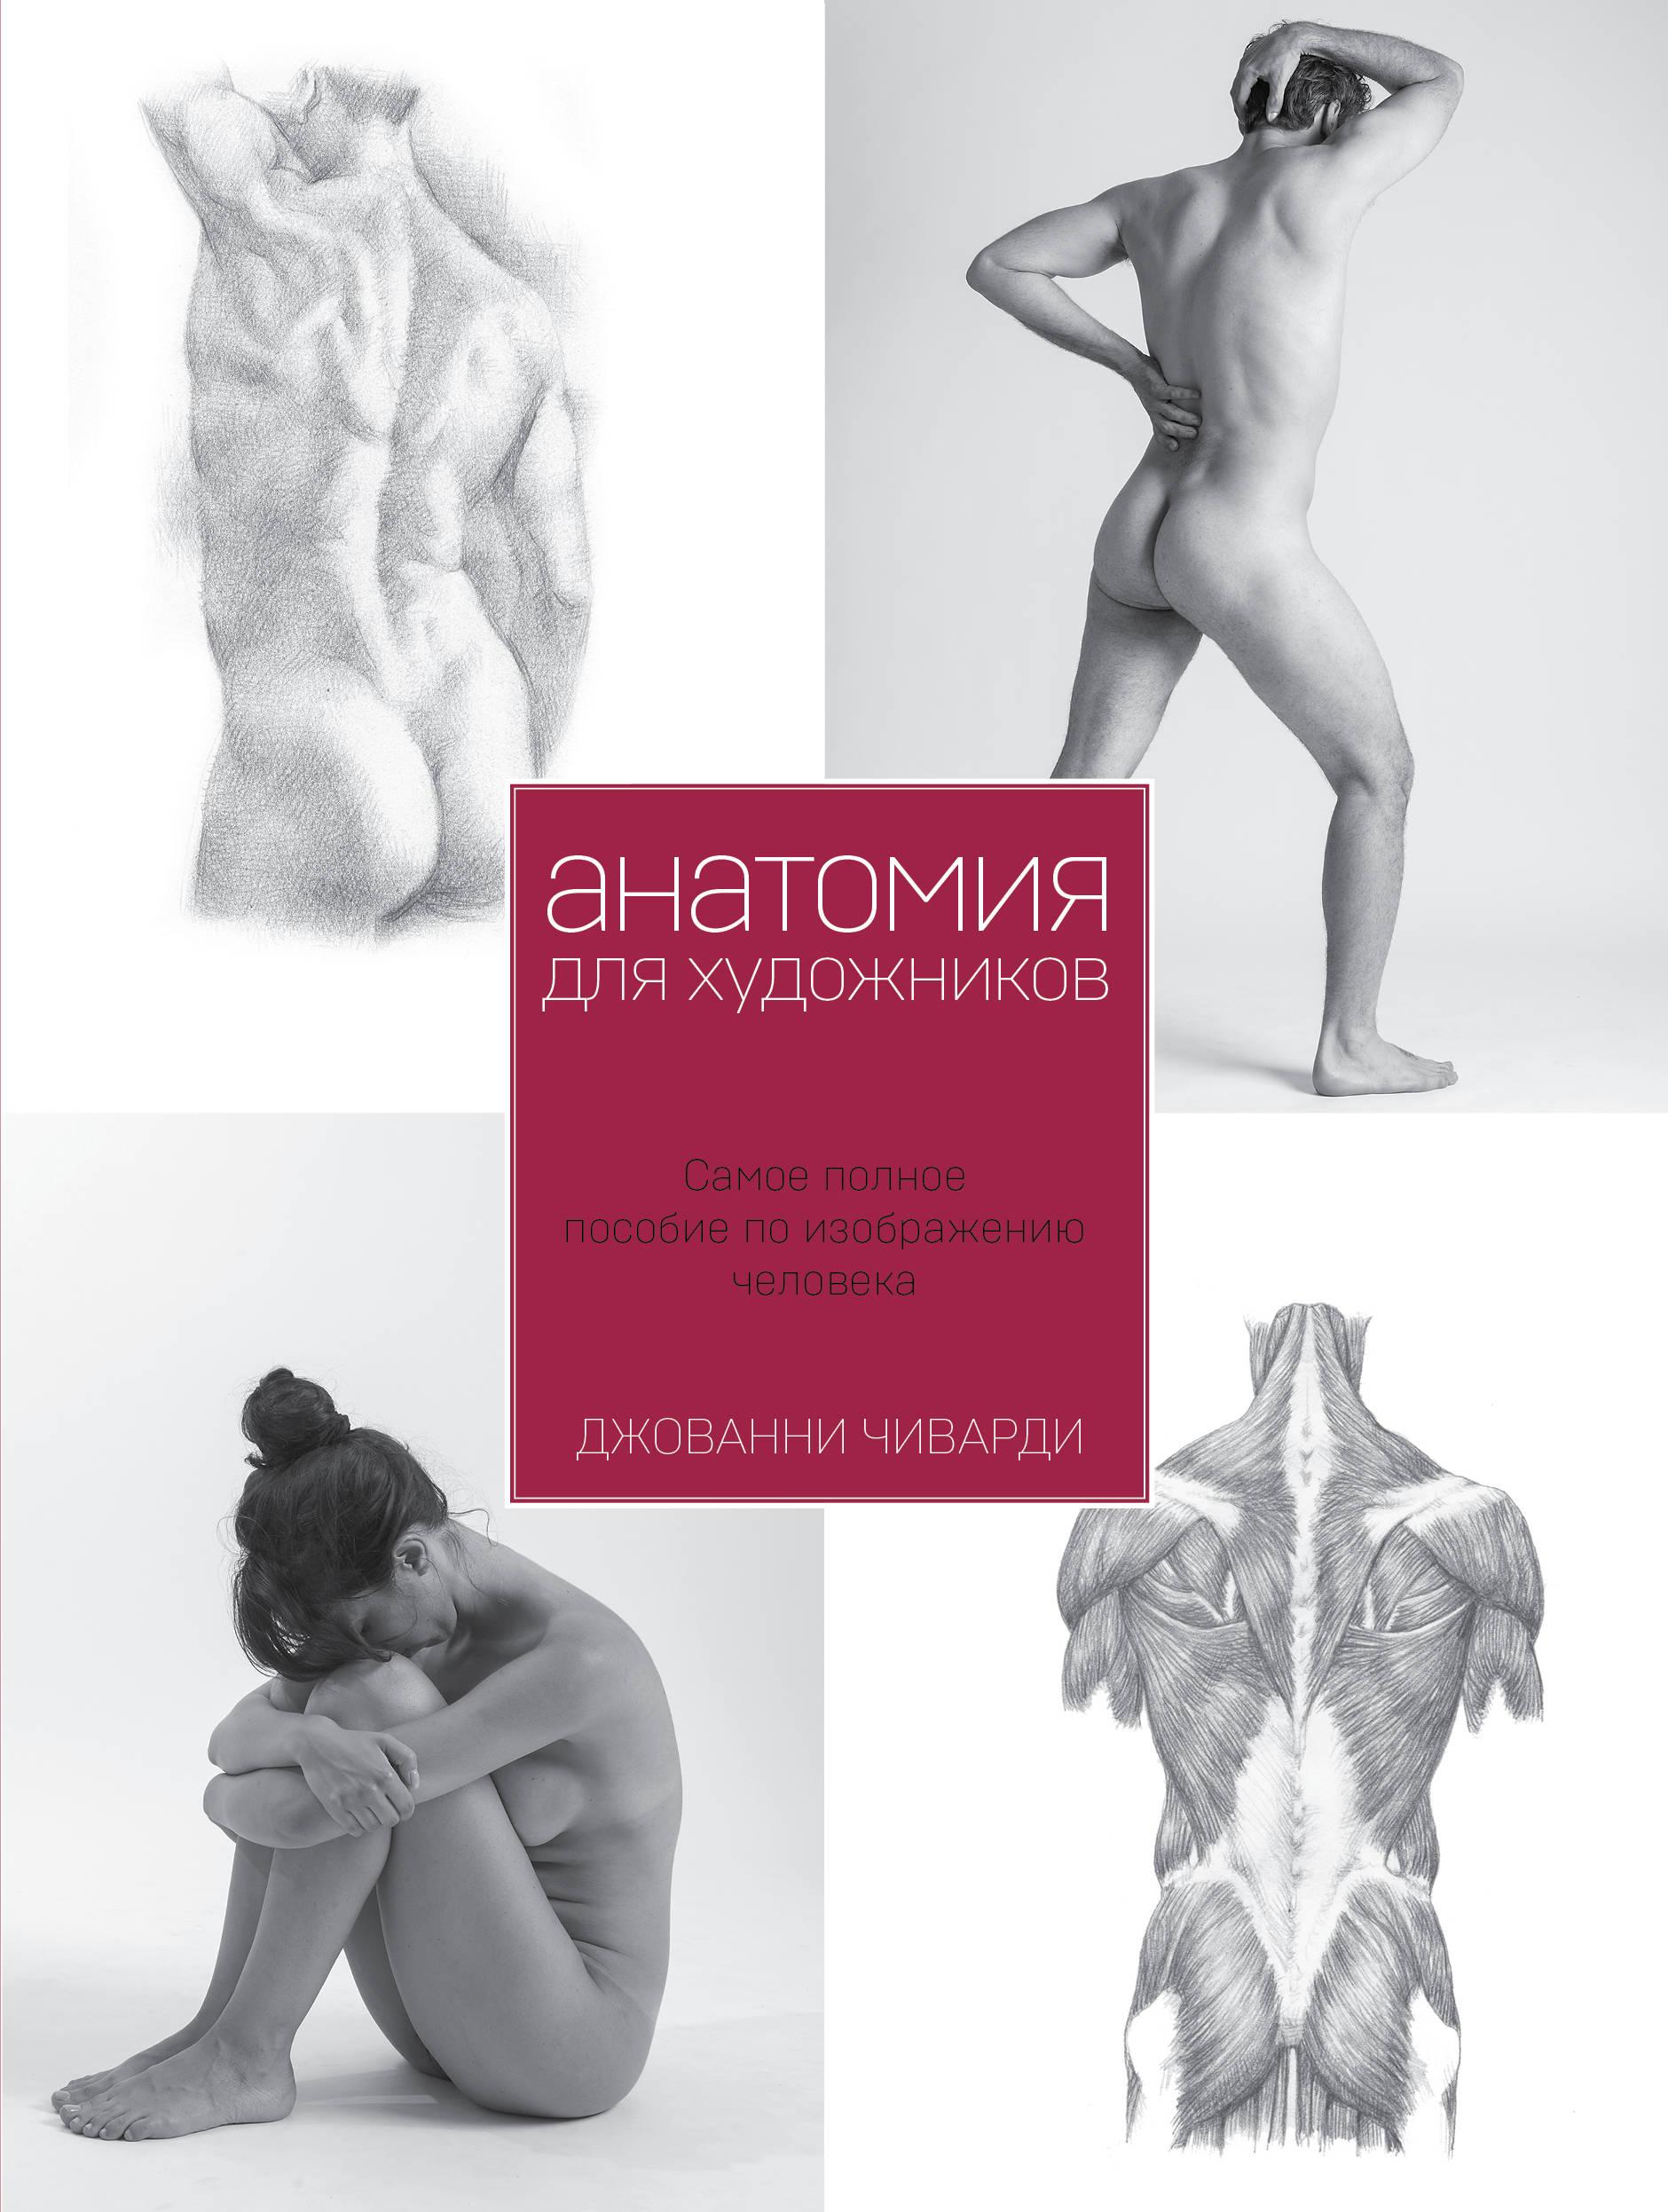 Anatomija dlja khudozhnika. Samoe polnoe posobie po izobrazheniju cheloveka